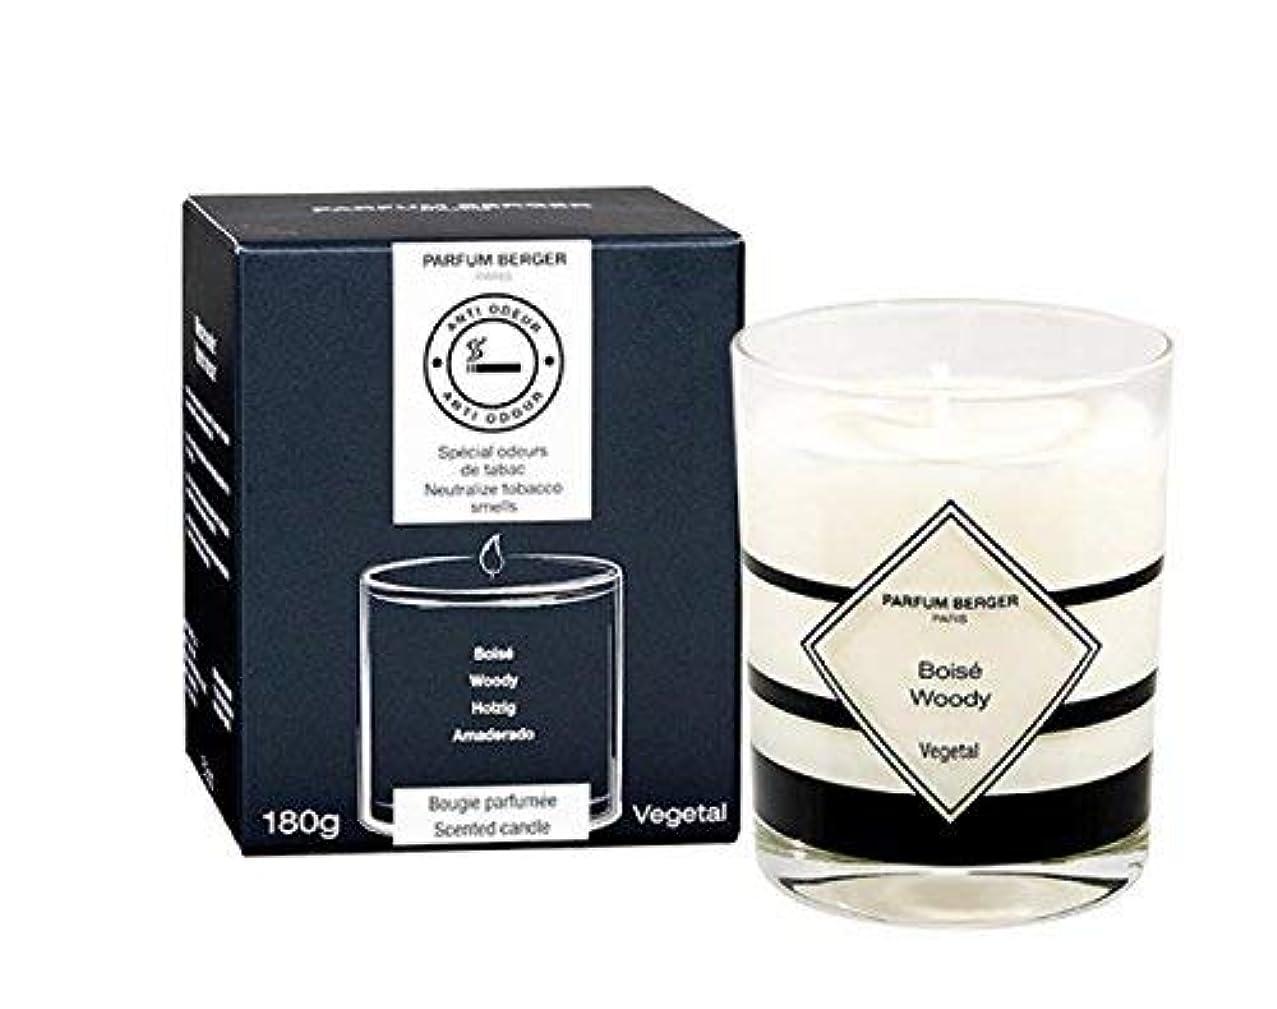 応答埋め込むどんなときもParfum Berger/Lampe Berger Anti-Tobacco smell candle (10 x 10 x 10 cm, white glass